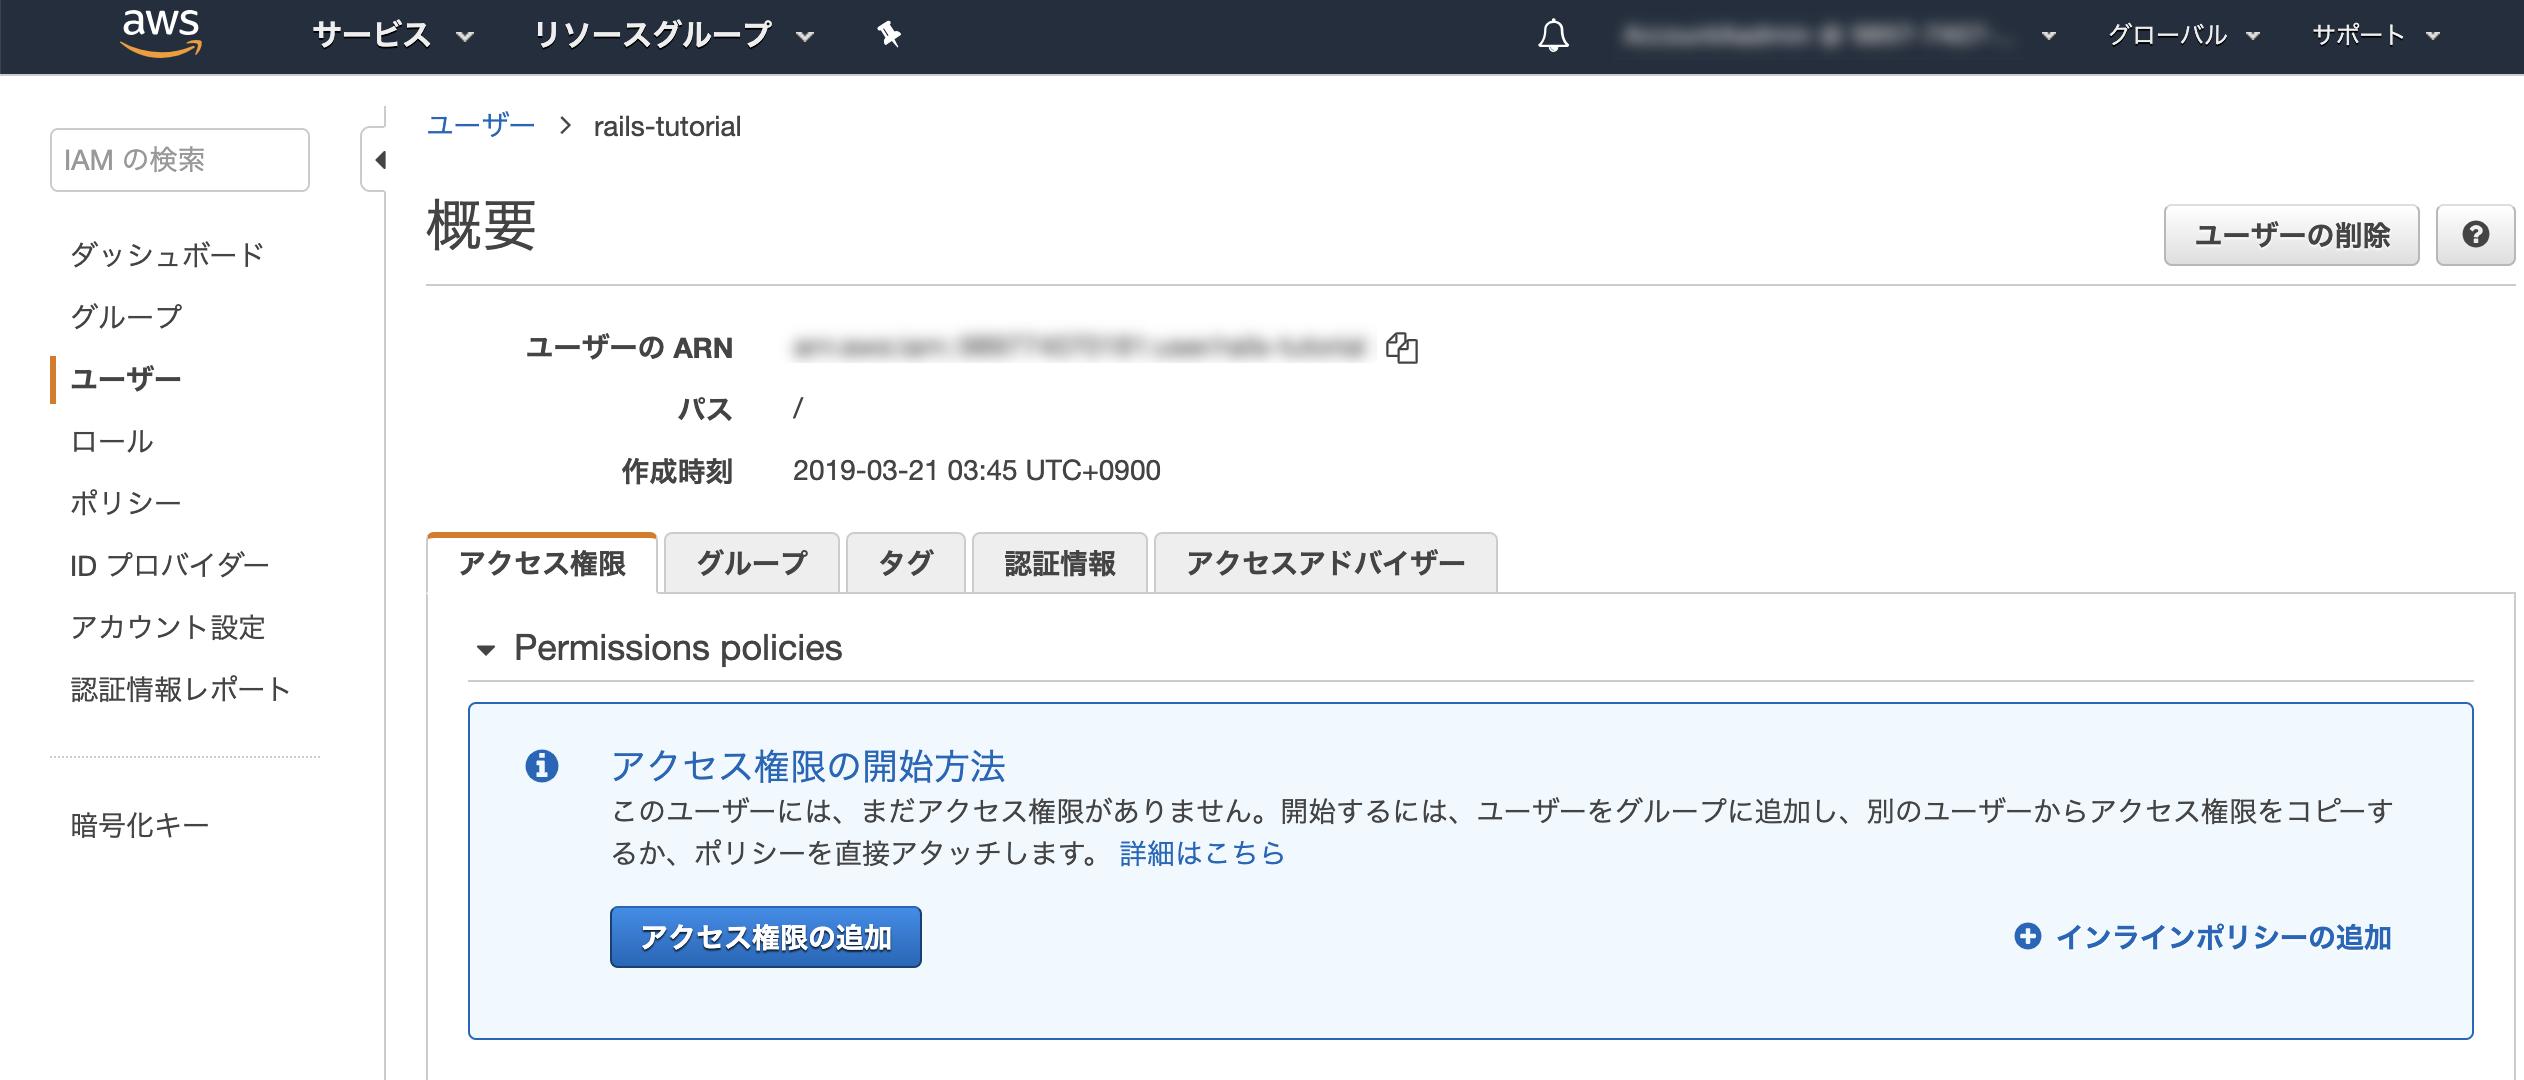 IAMユーザアクセス権限の追加.png